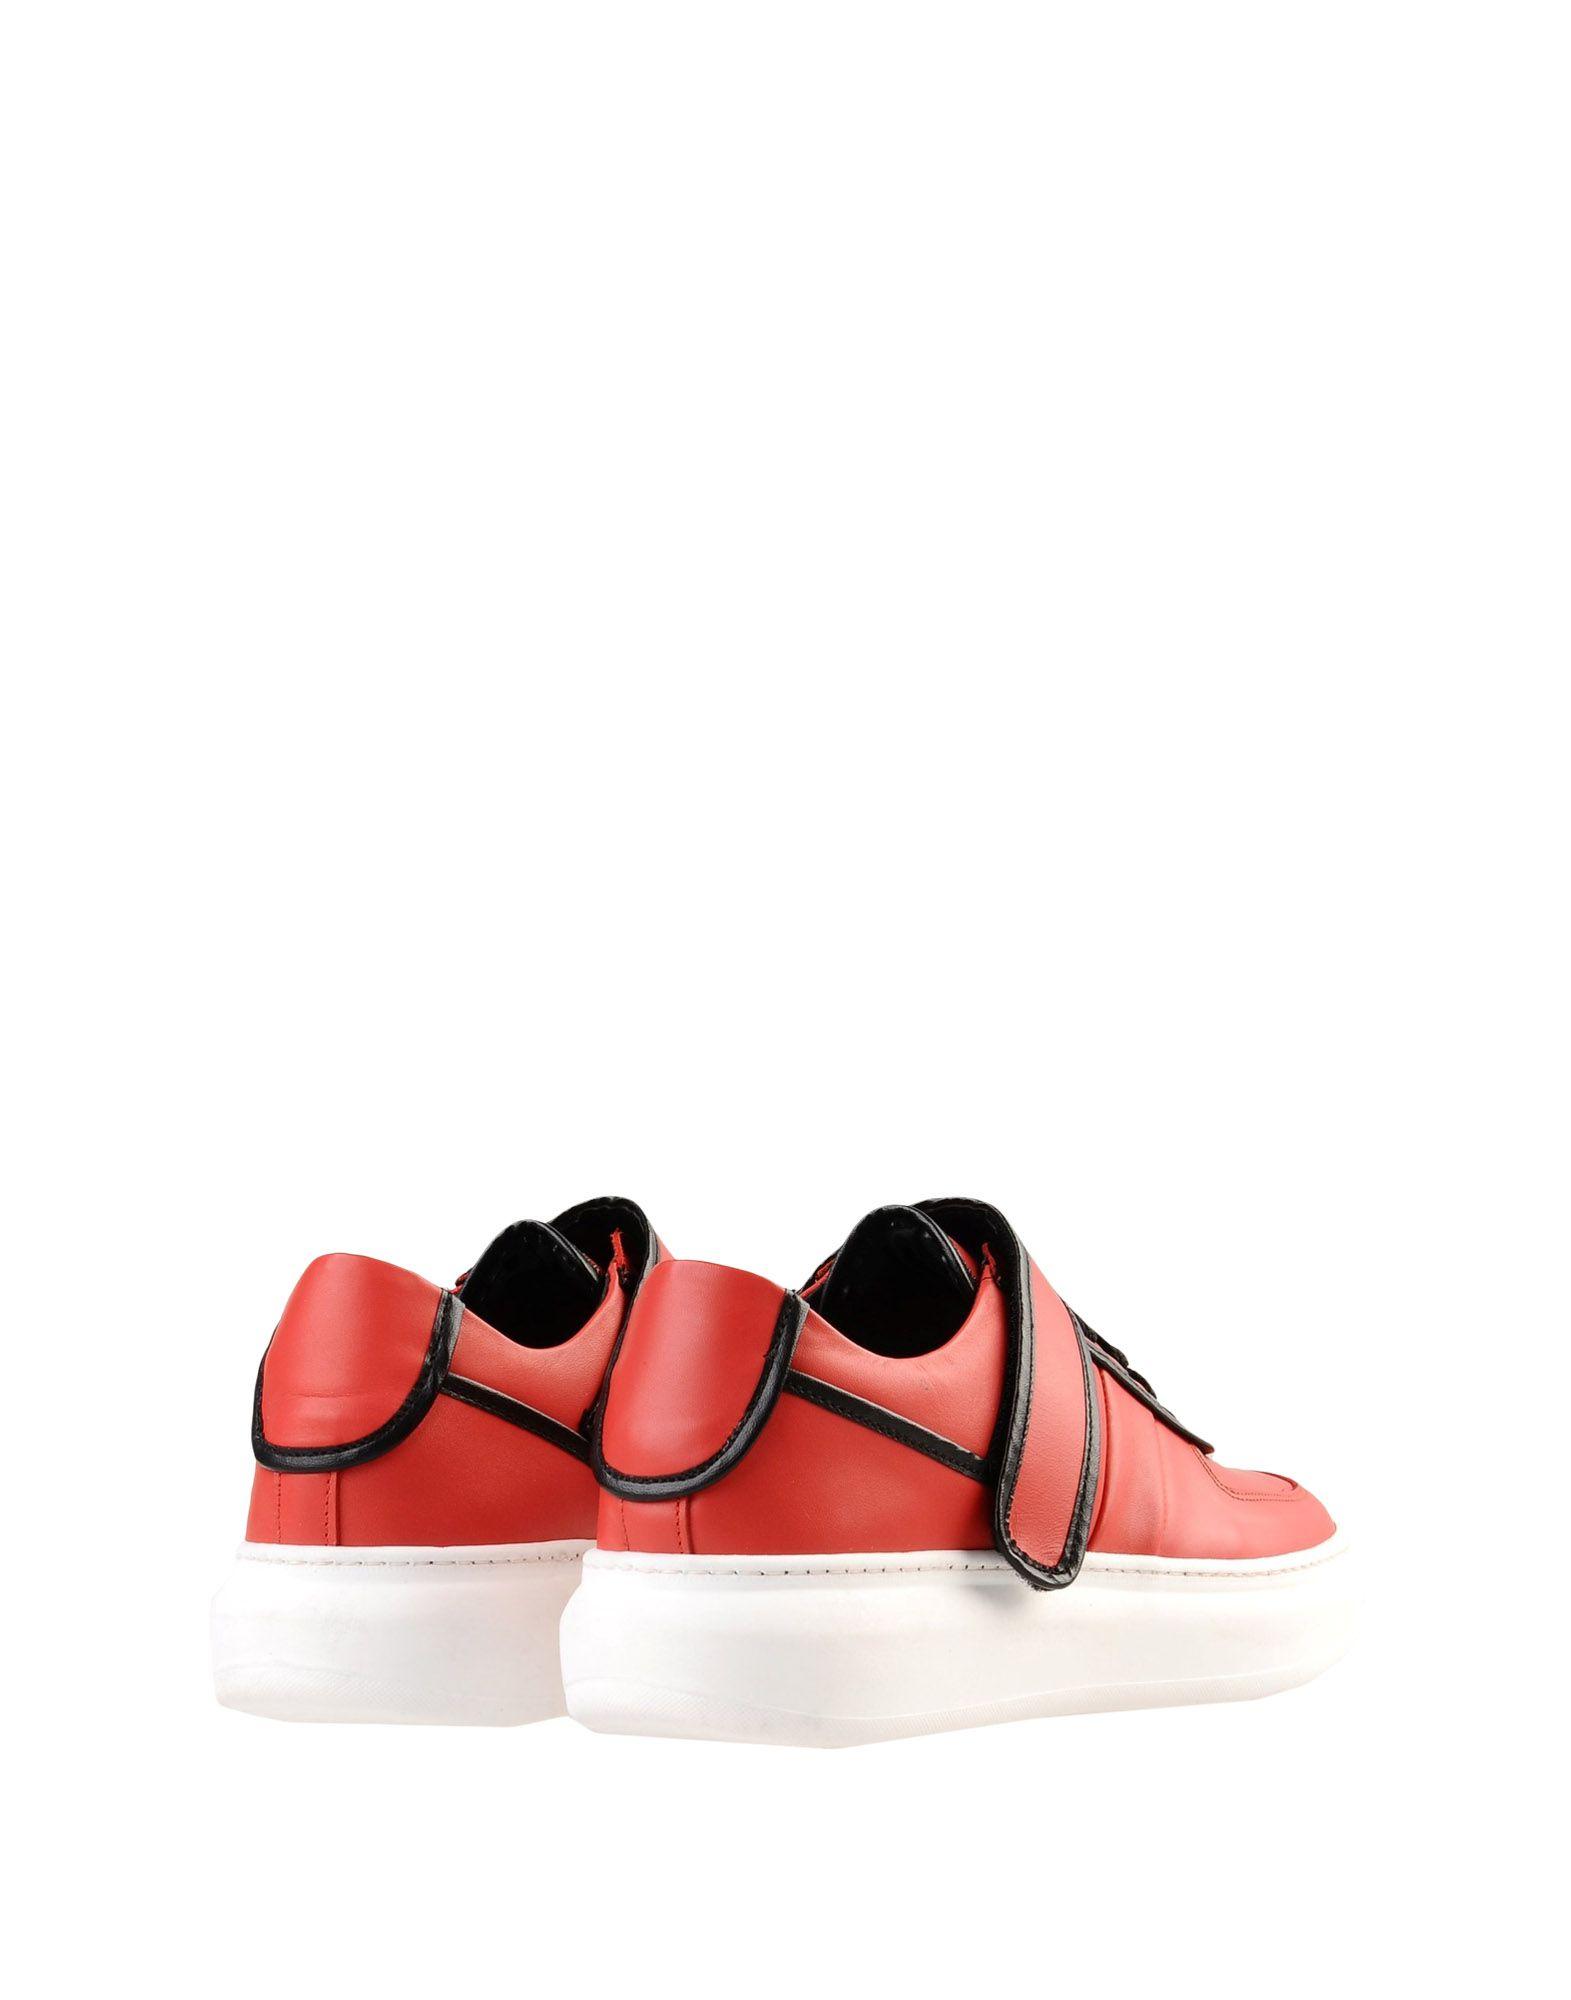 Rabatt Sneakers echte Schuhe Pierre Darré Sneakers Rabatt Herren  11536358IW e54656